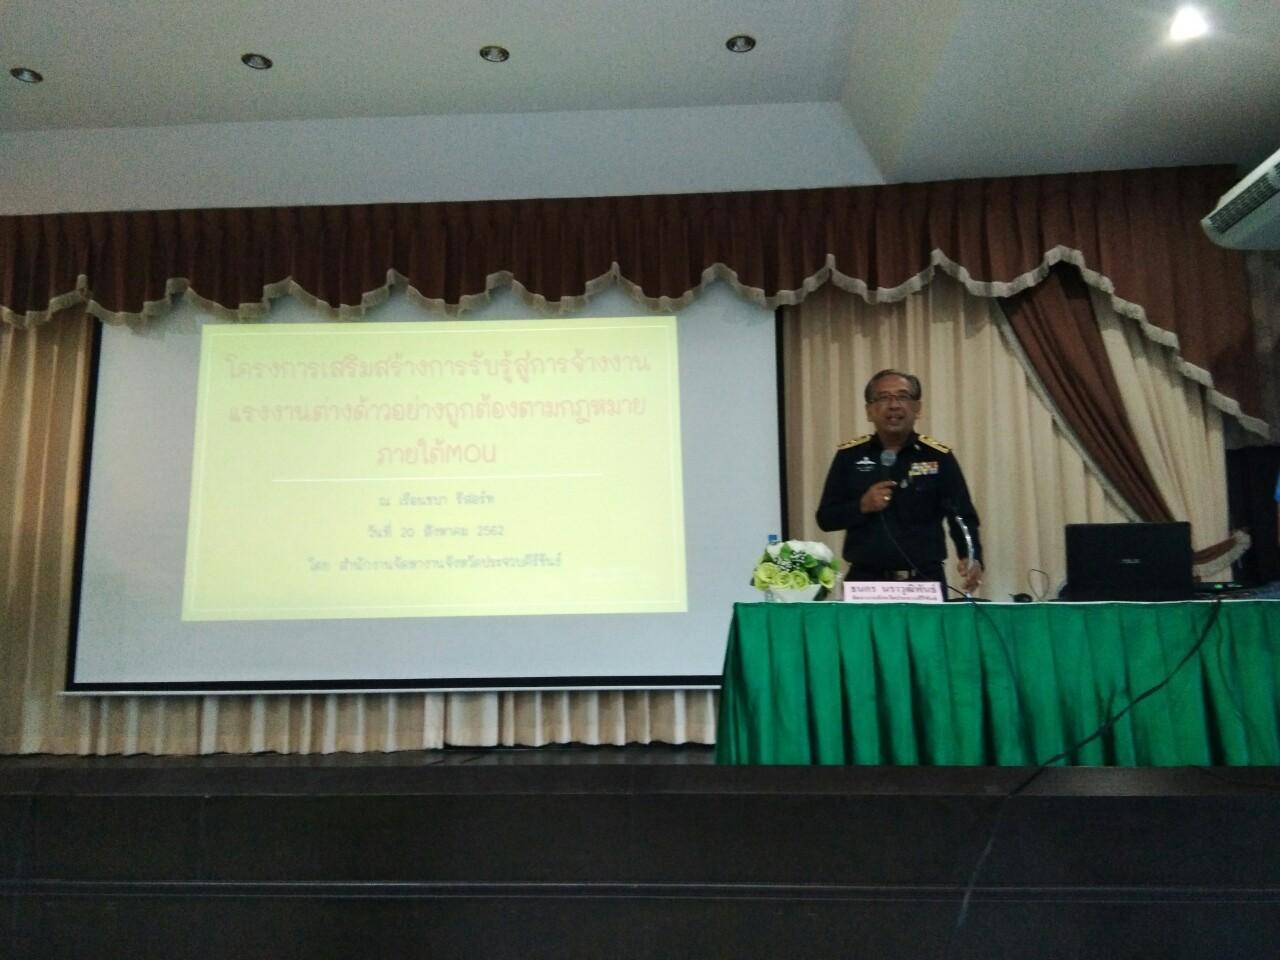 สจจ.ปข.จัดประชุมตามโครงการเสริมสร้างการรับรู้สู่การจ้างแรงงานต่างด้าวอย่างถูกกฎหมายภายใต้ MOU